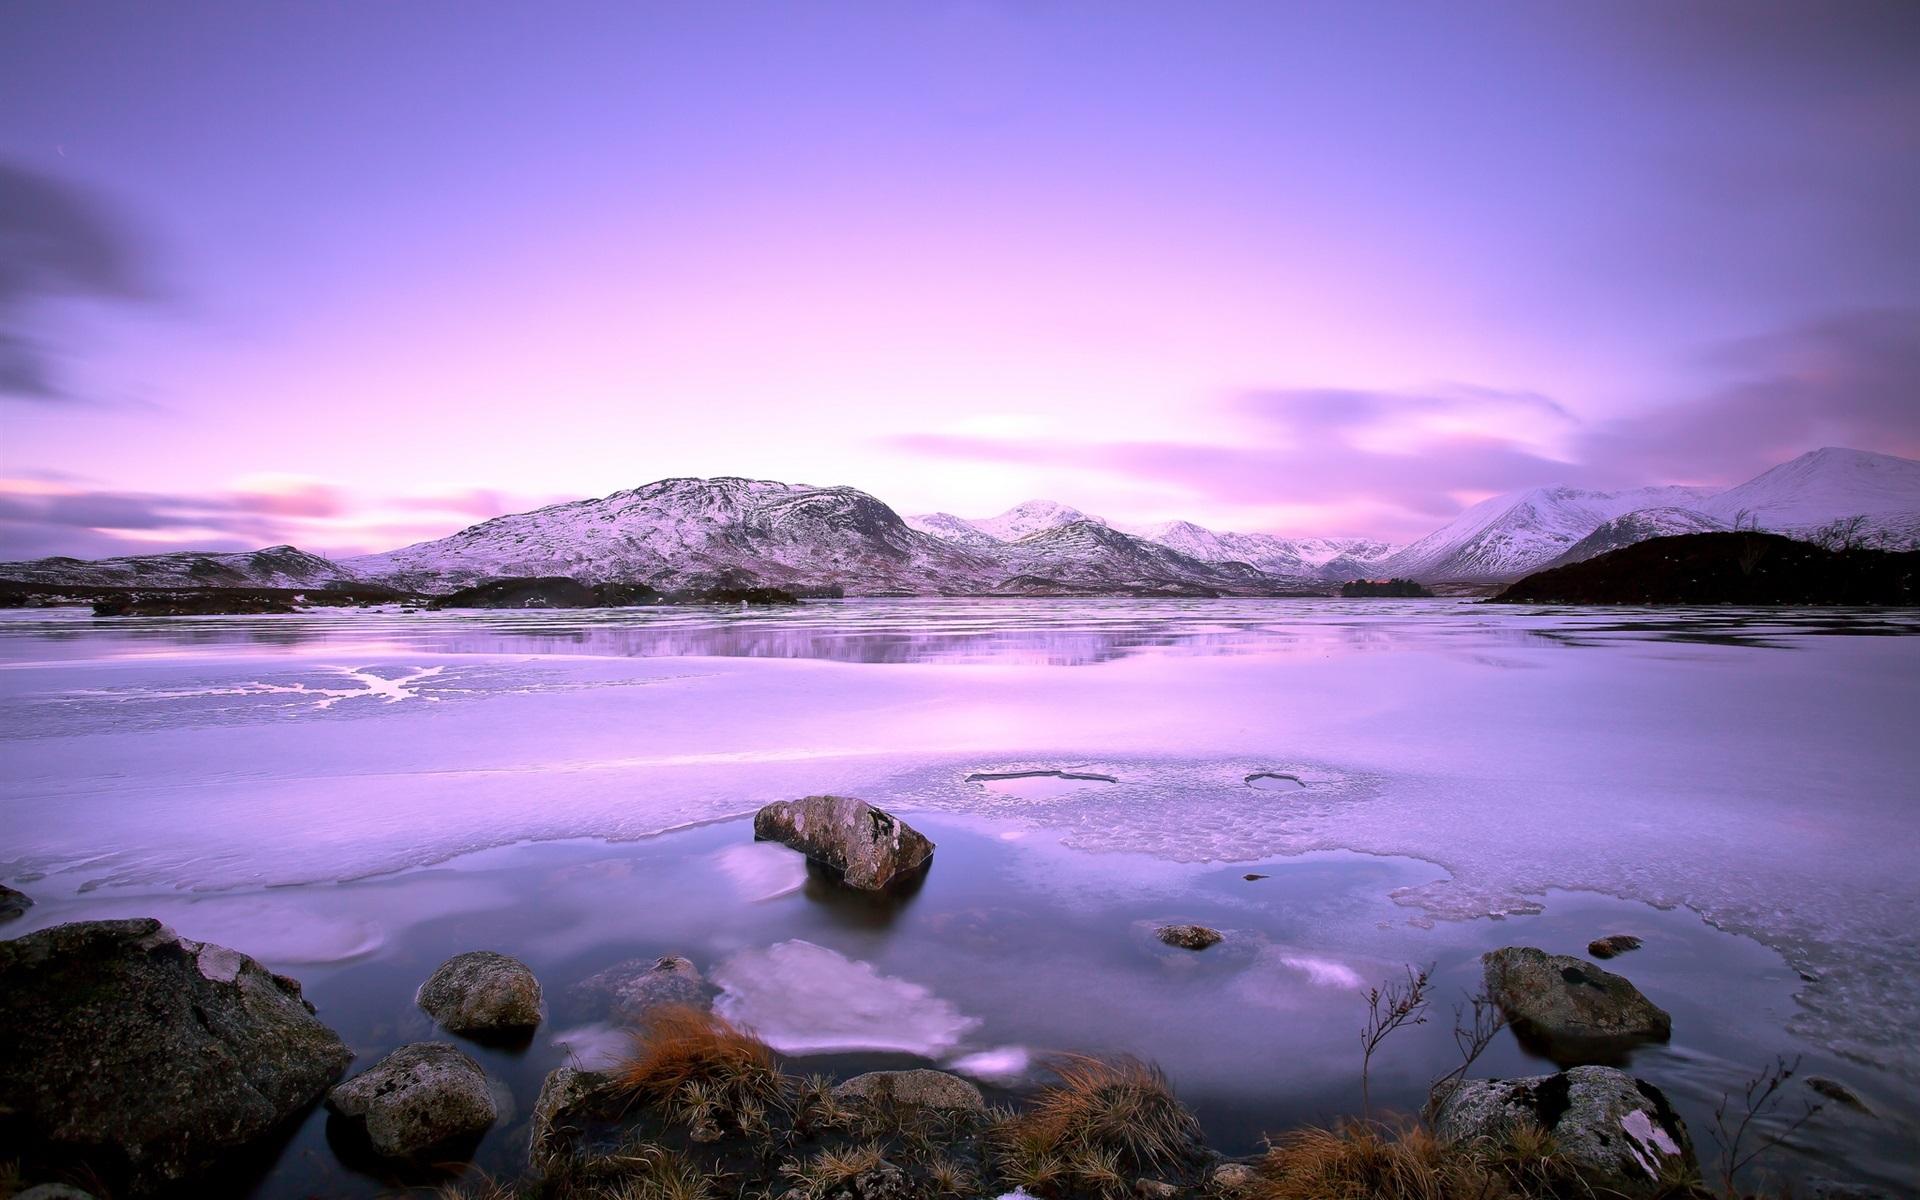 Lago Con Montañas Nevadas Hd: Fondos De Pantalla Lago, Montañas, Piedras, Nieve